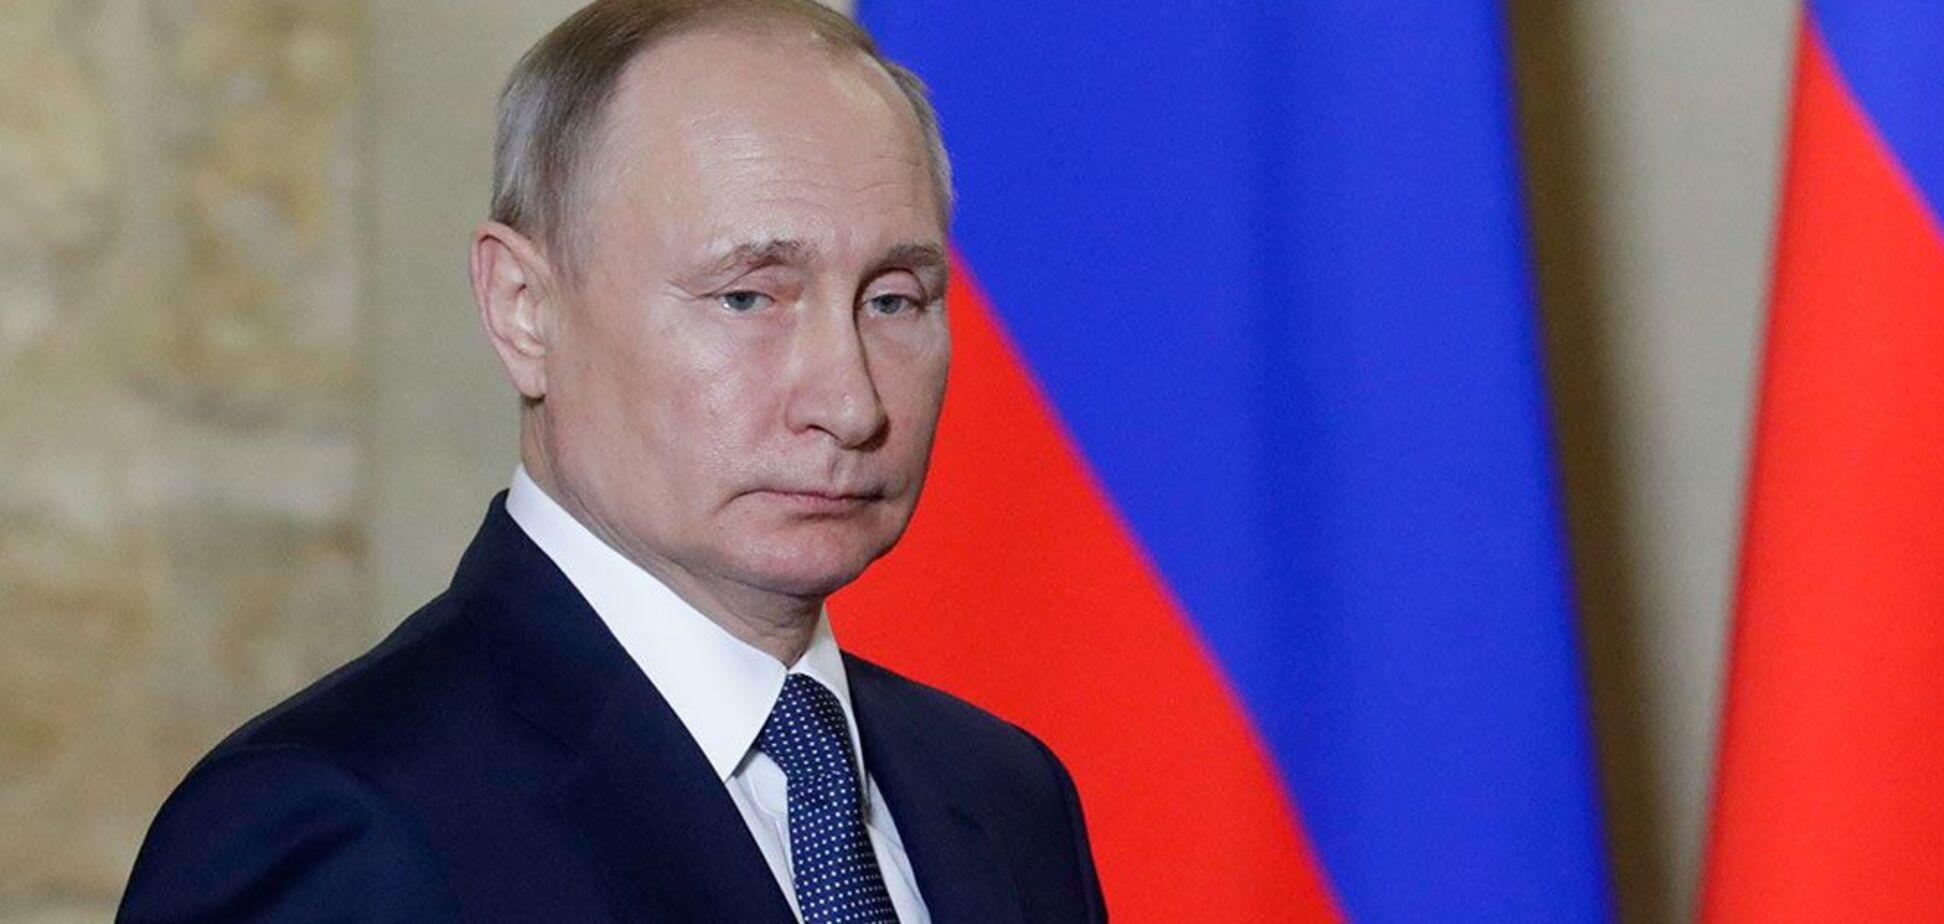 Рейтинг довіри росіян до Путіна впав до 23%